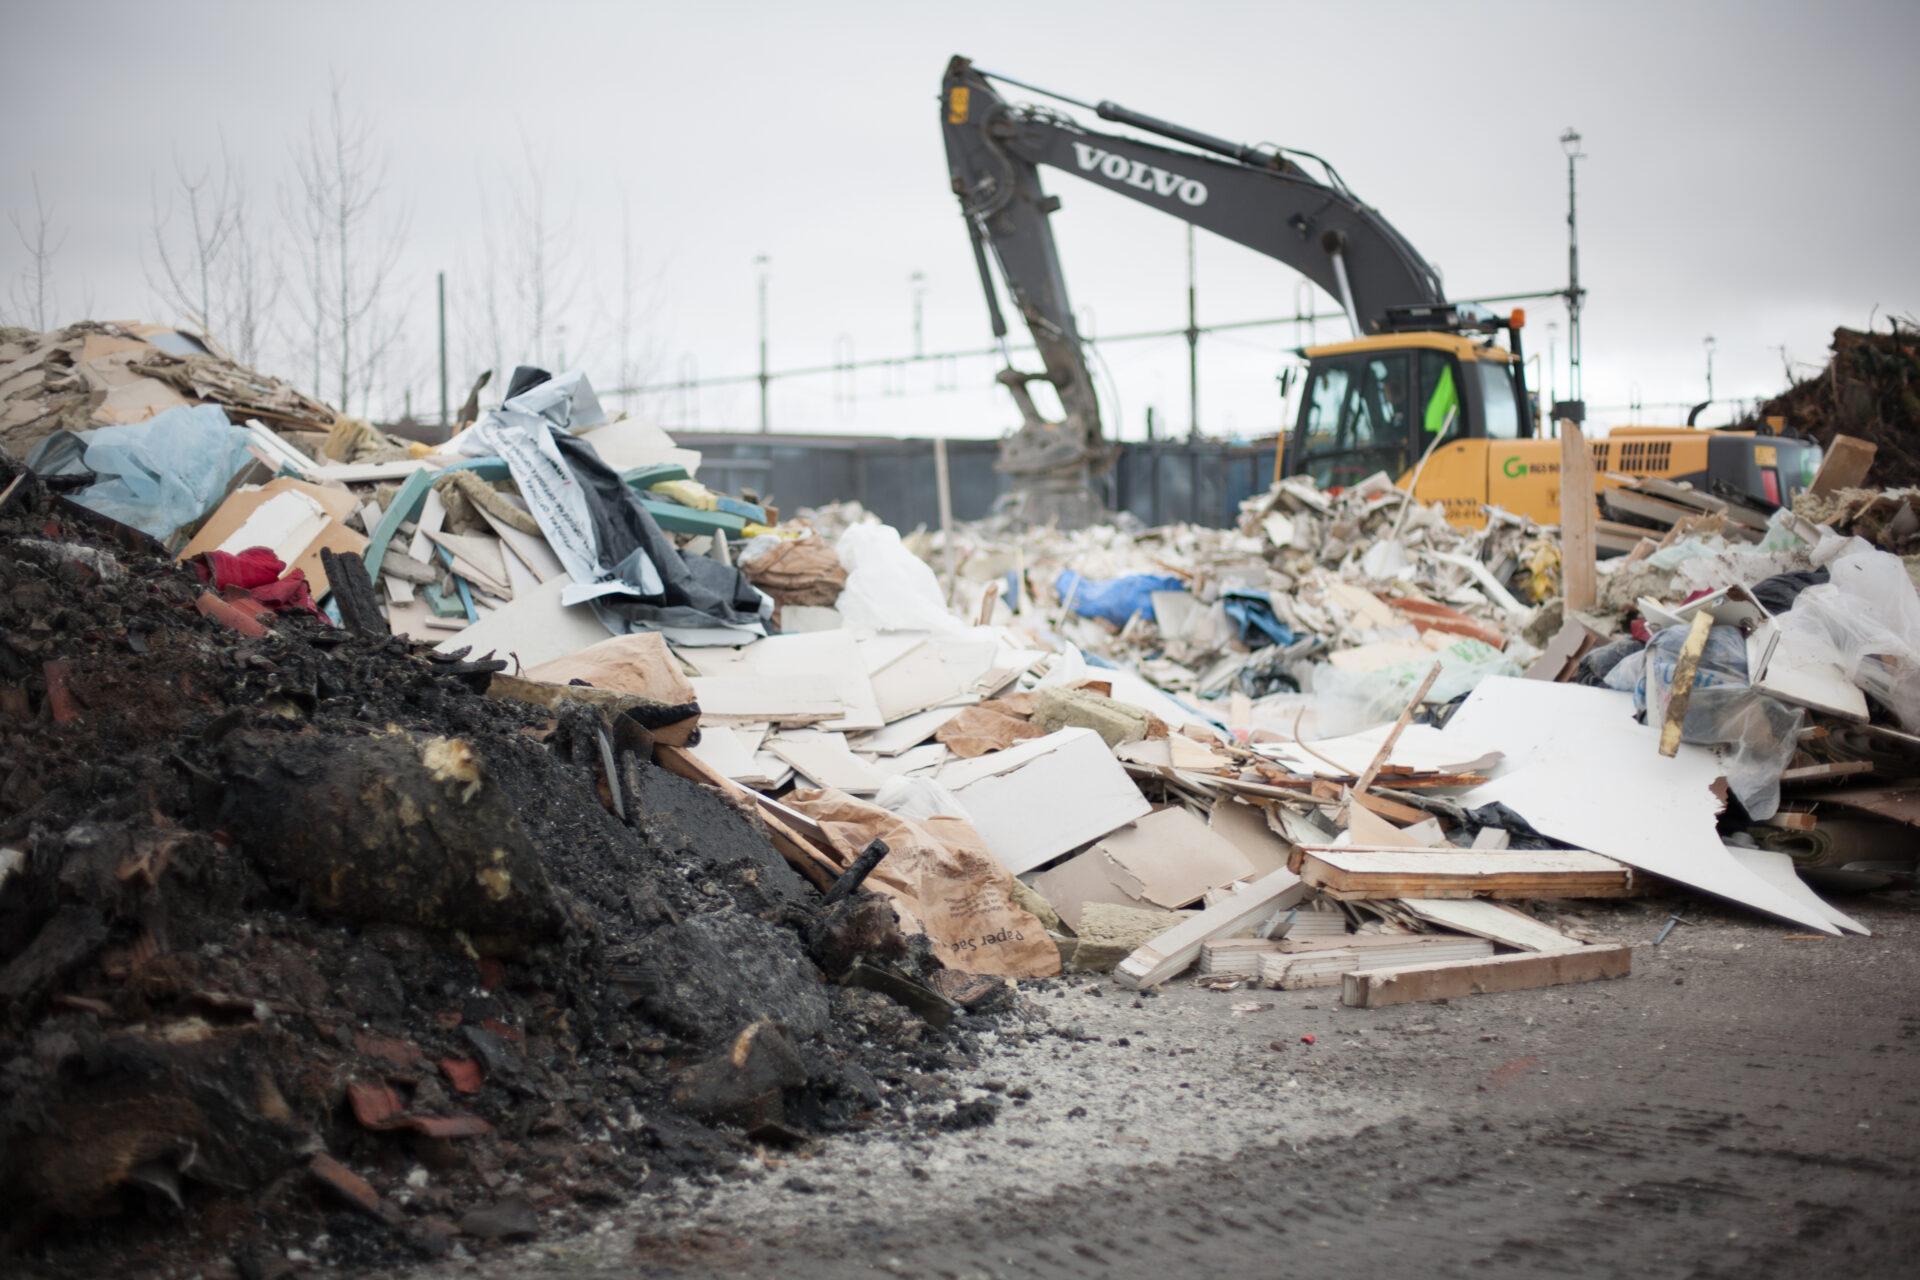 En avfallshanterare i arbete. Renall har kompletta avfalls- och återvinningslösningar.